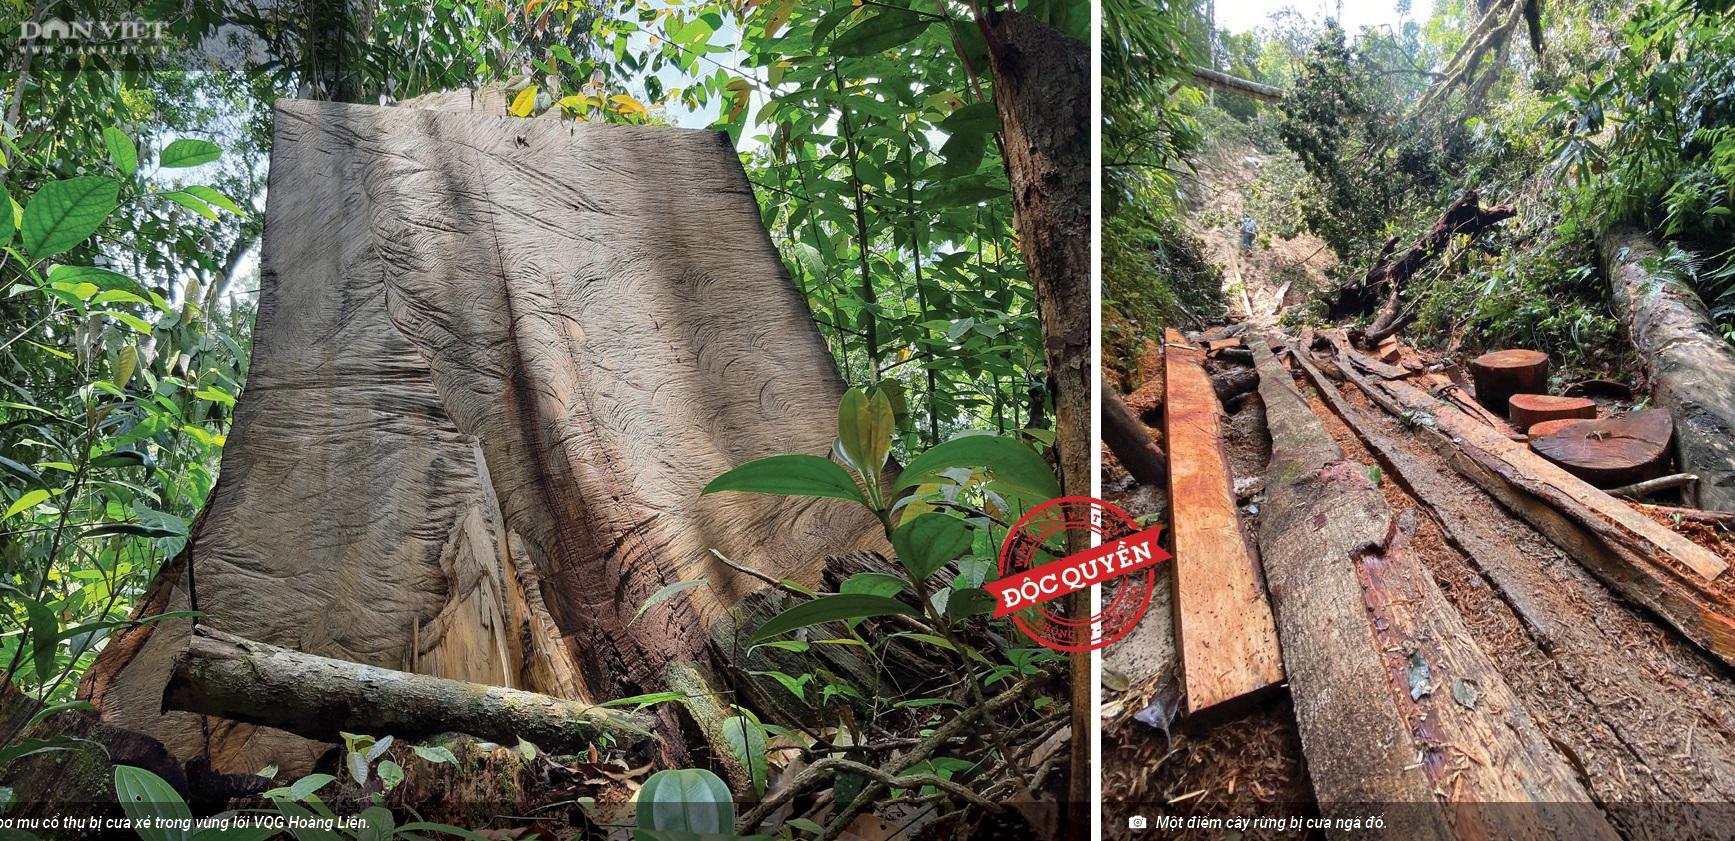 Vụ phá rừng pơ mu VQG Hoàng Liên: Tạm đình chỉ công tác Phó Hạt trưởng Hạt kiểm lâm - Ảnh 3.